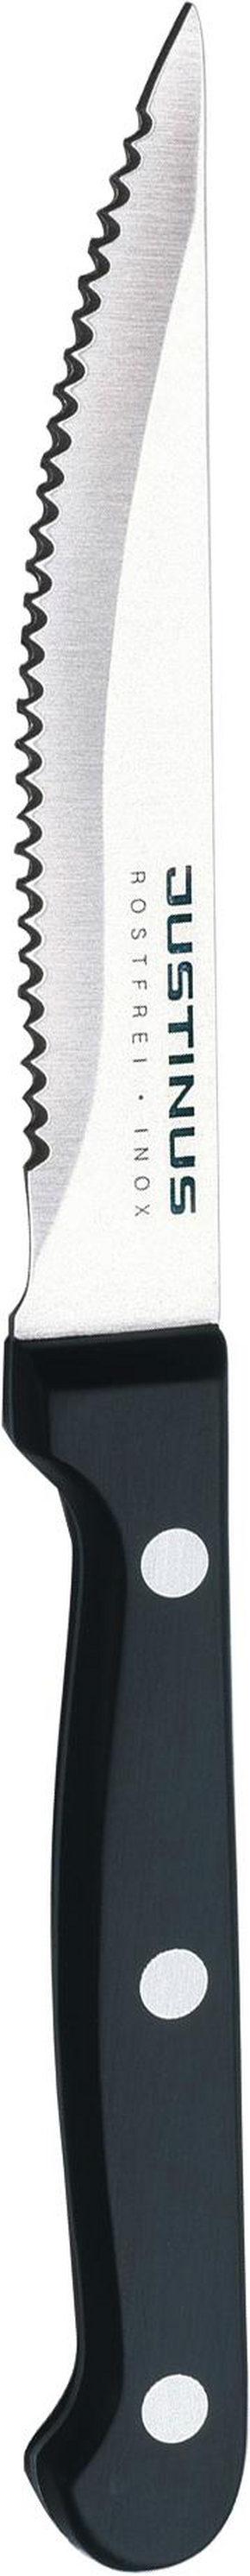 GRILLKNIV - svart/rostfritt stål-färgad, Basics, metall/plast (11cm) - Justinus